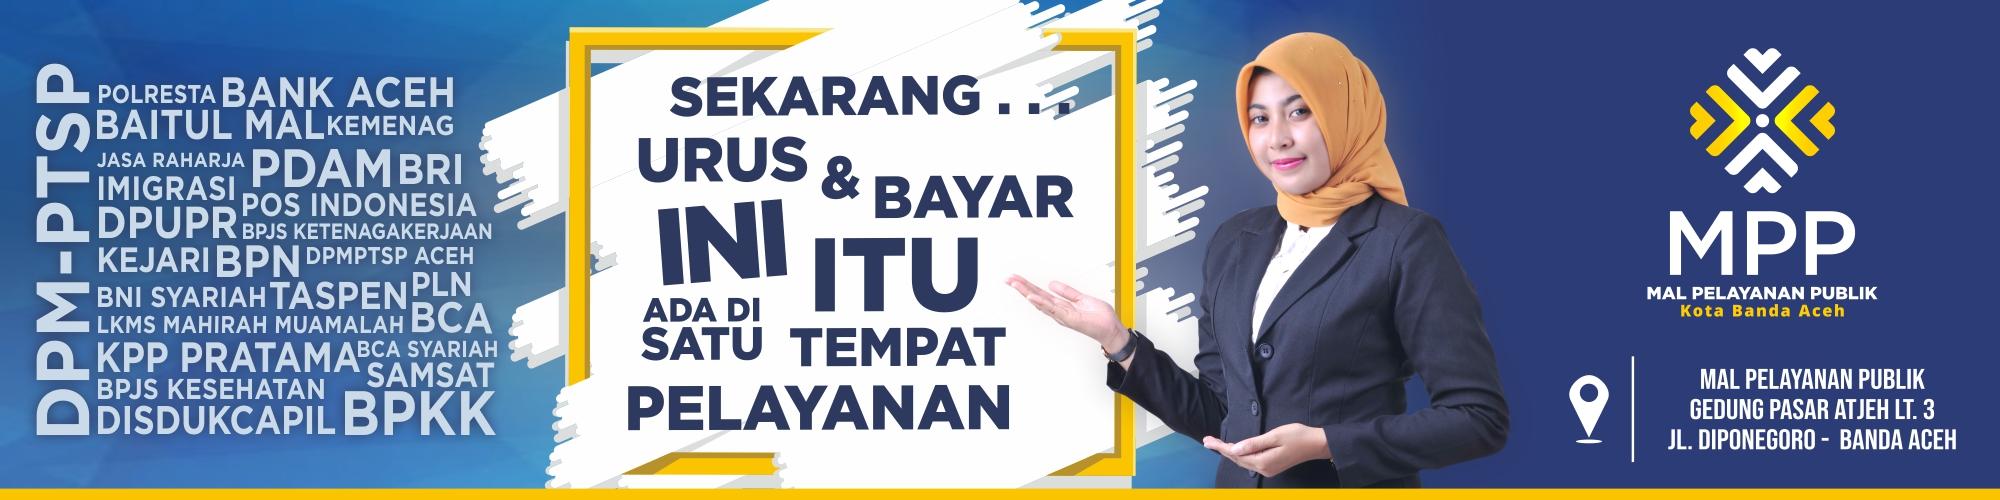 Permalink to:Mal Pelayanan Publik Kota Banda Aceh